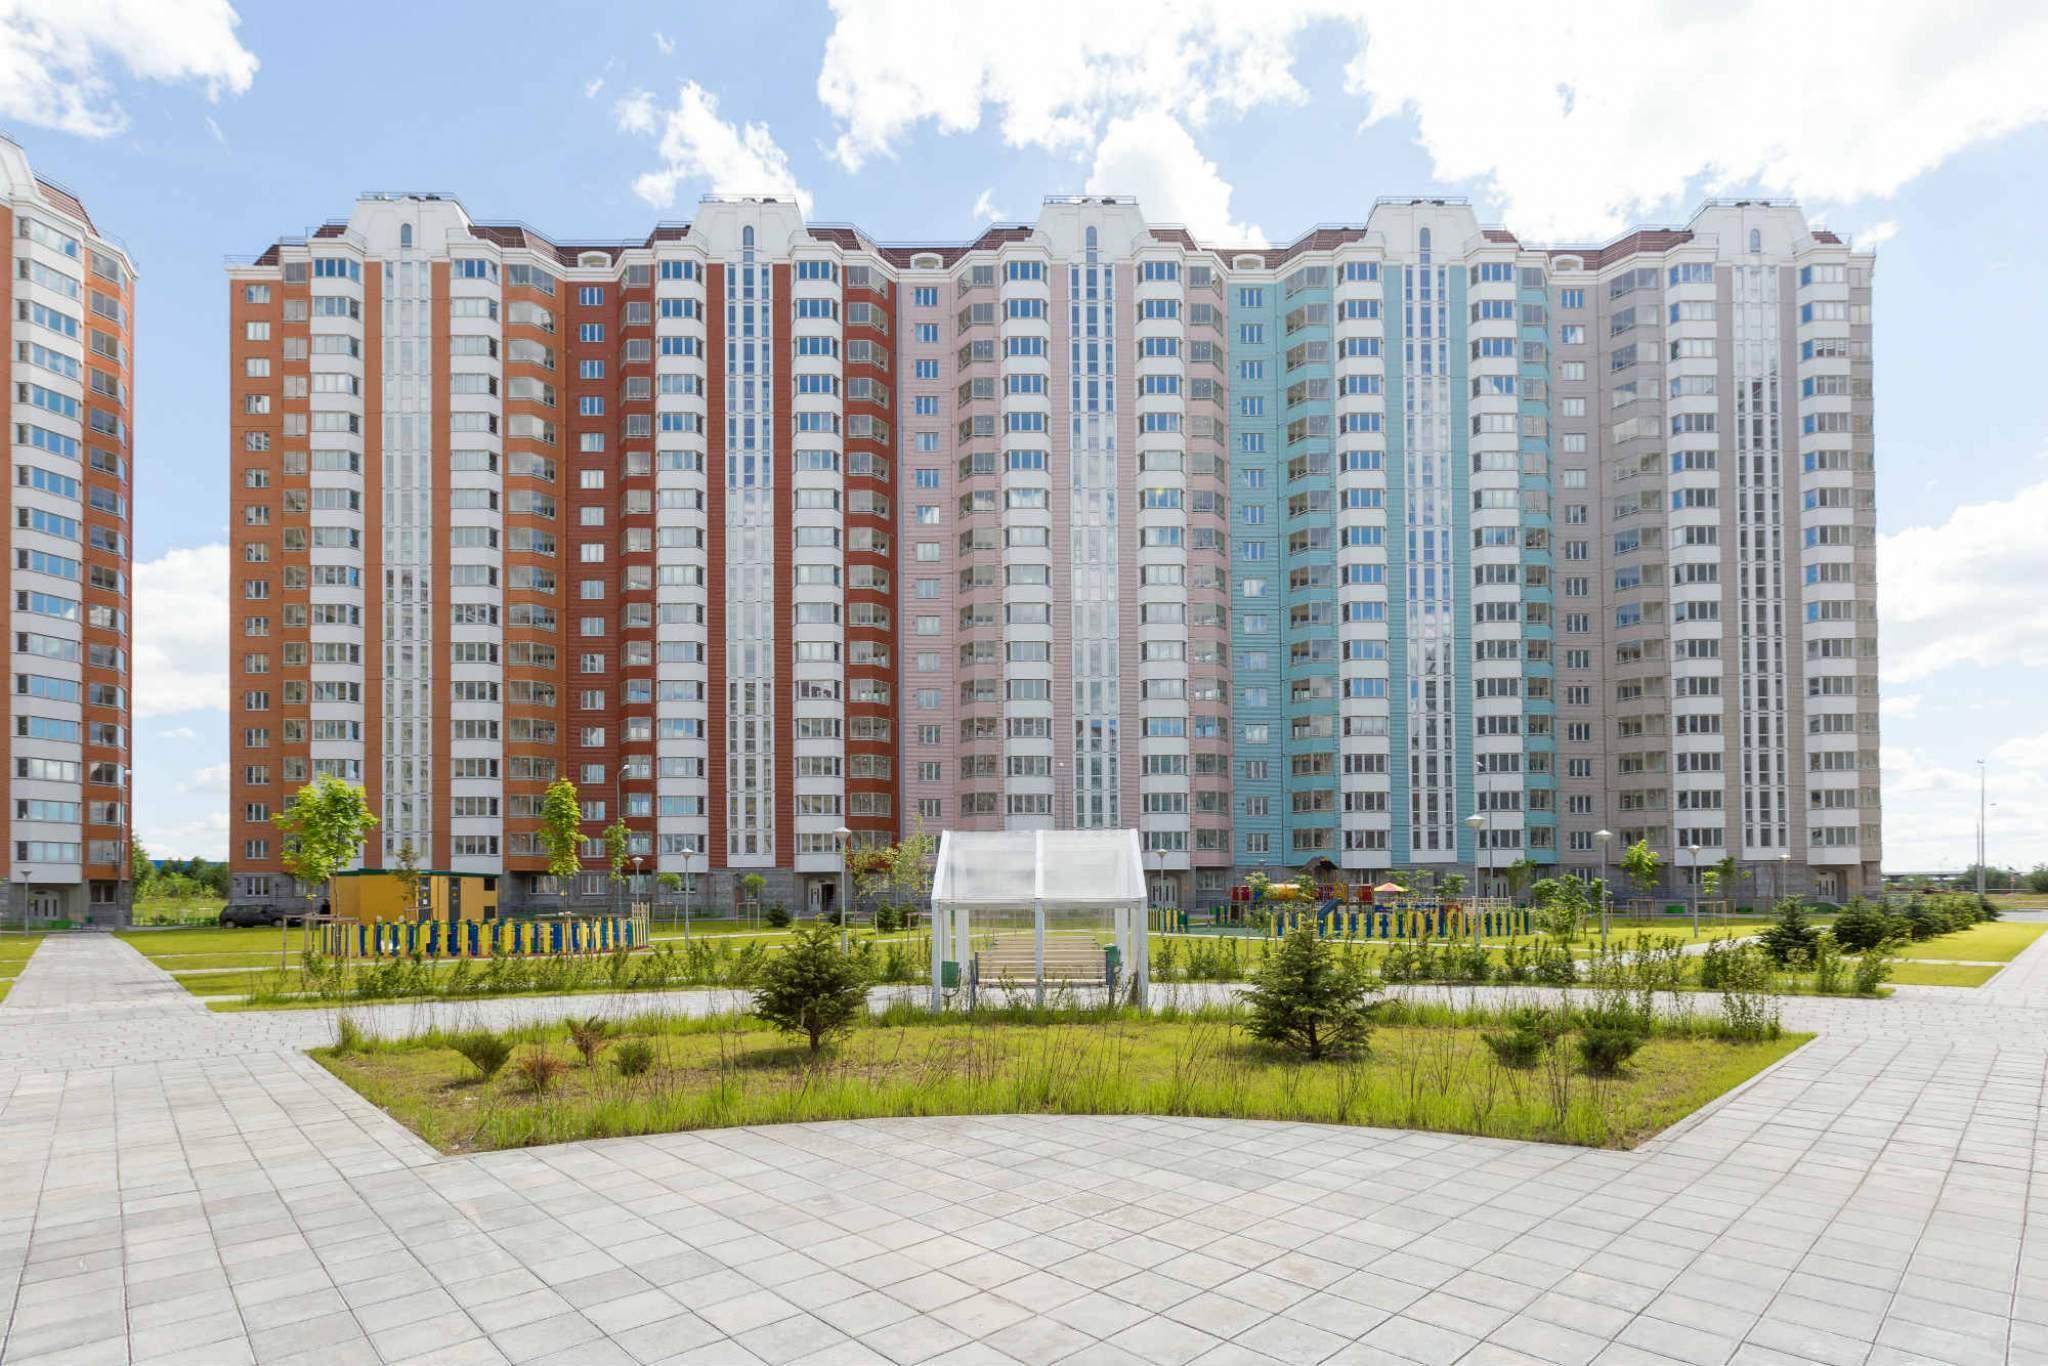 жилой комплекс солнцево фото квартир